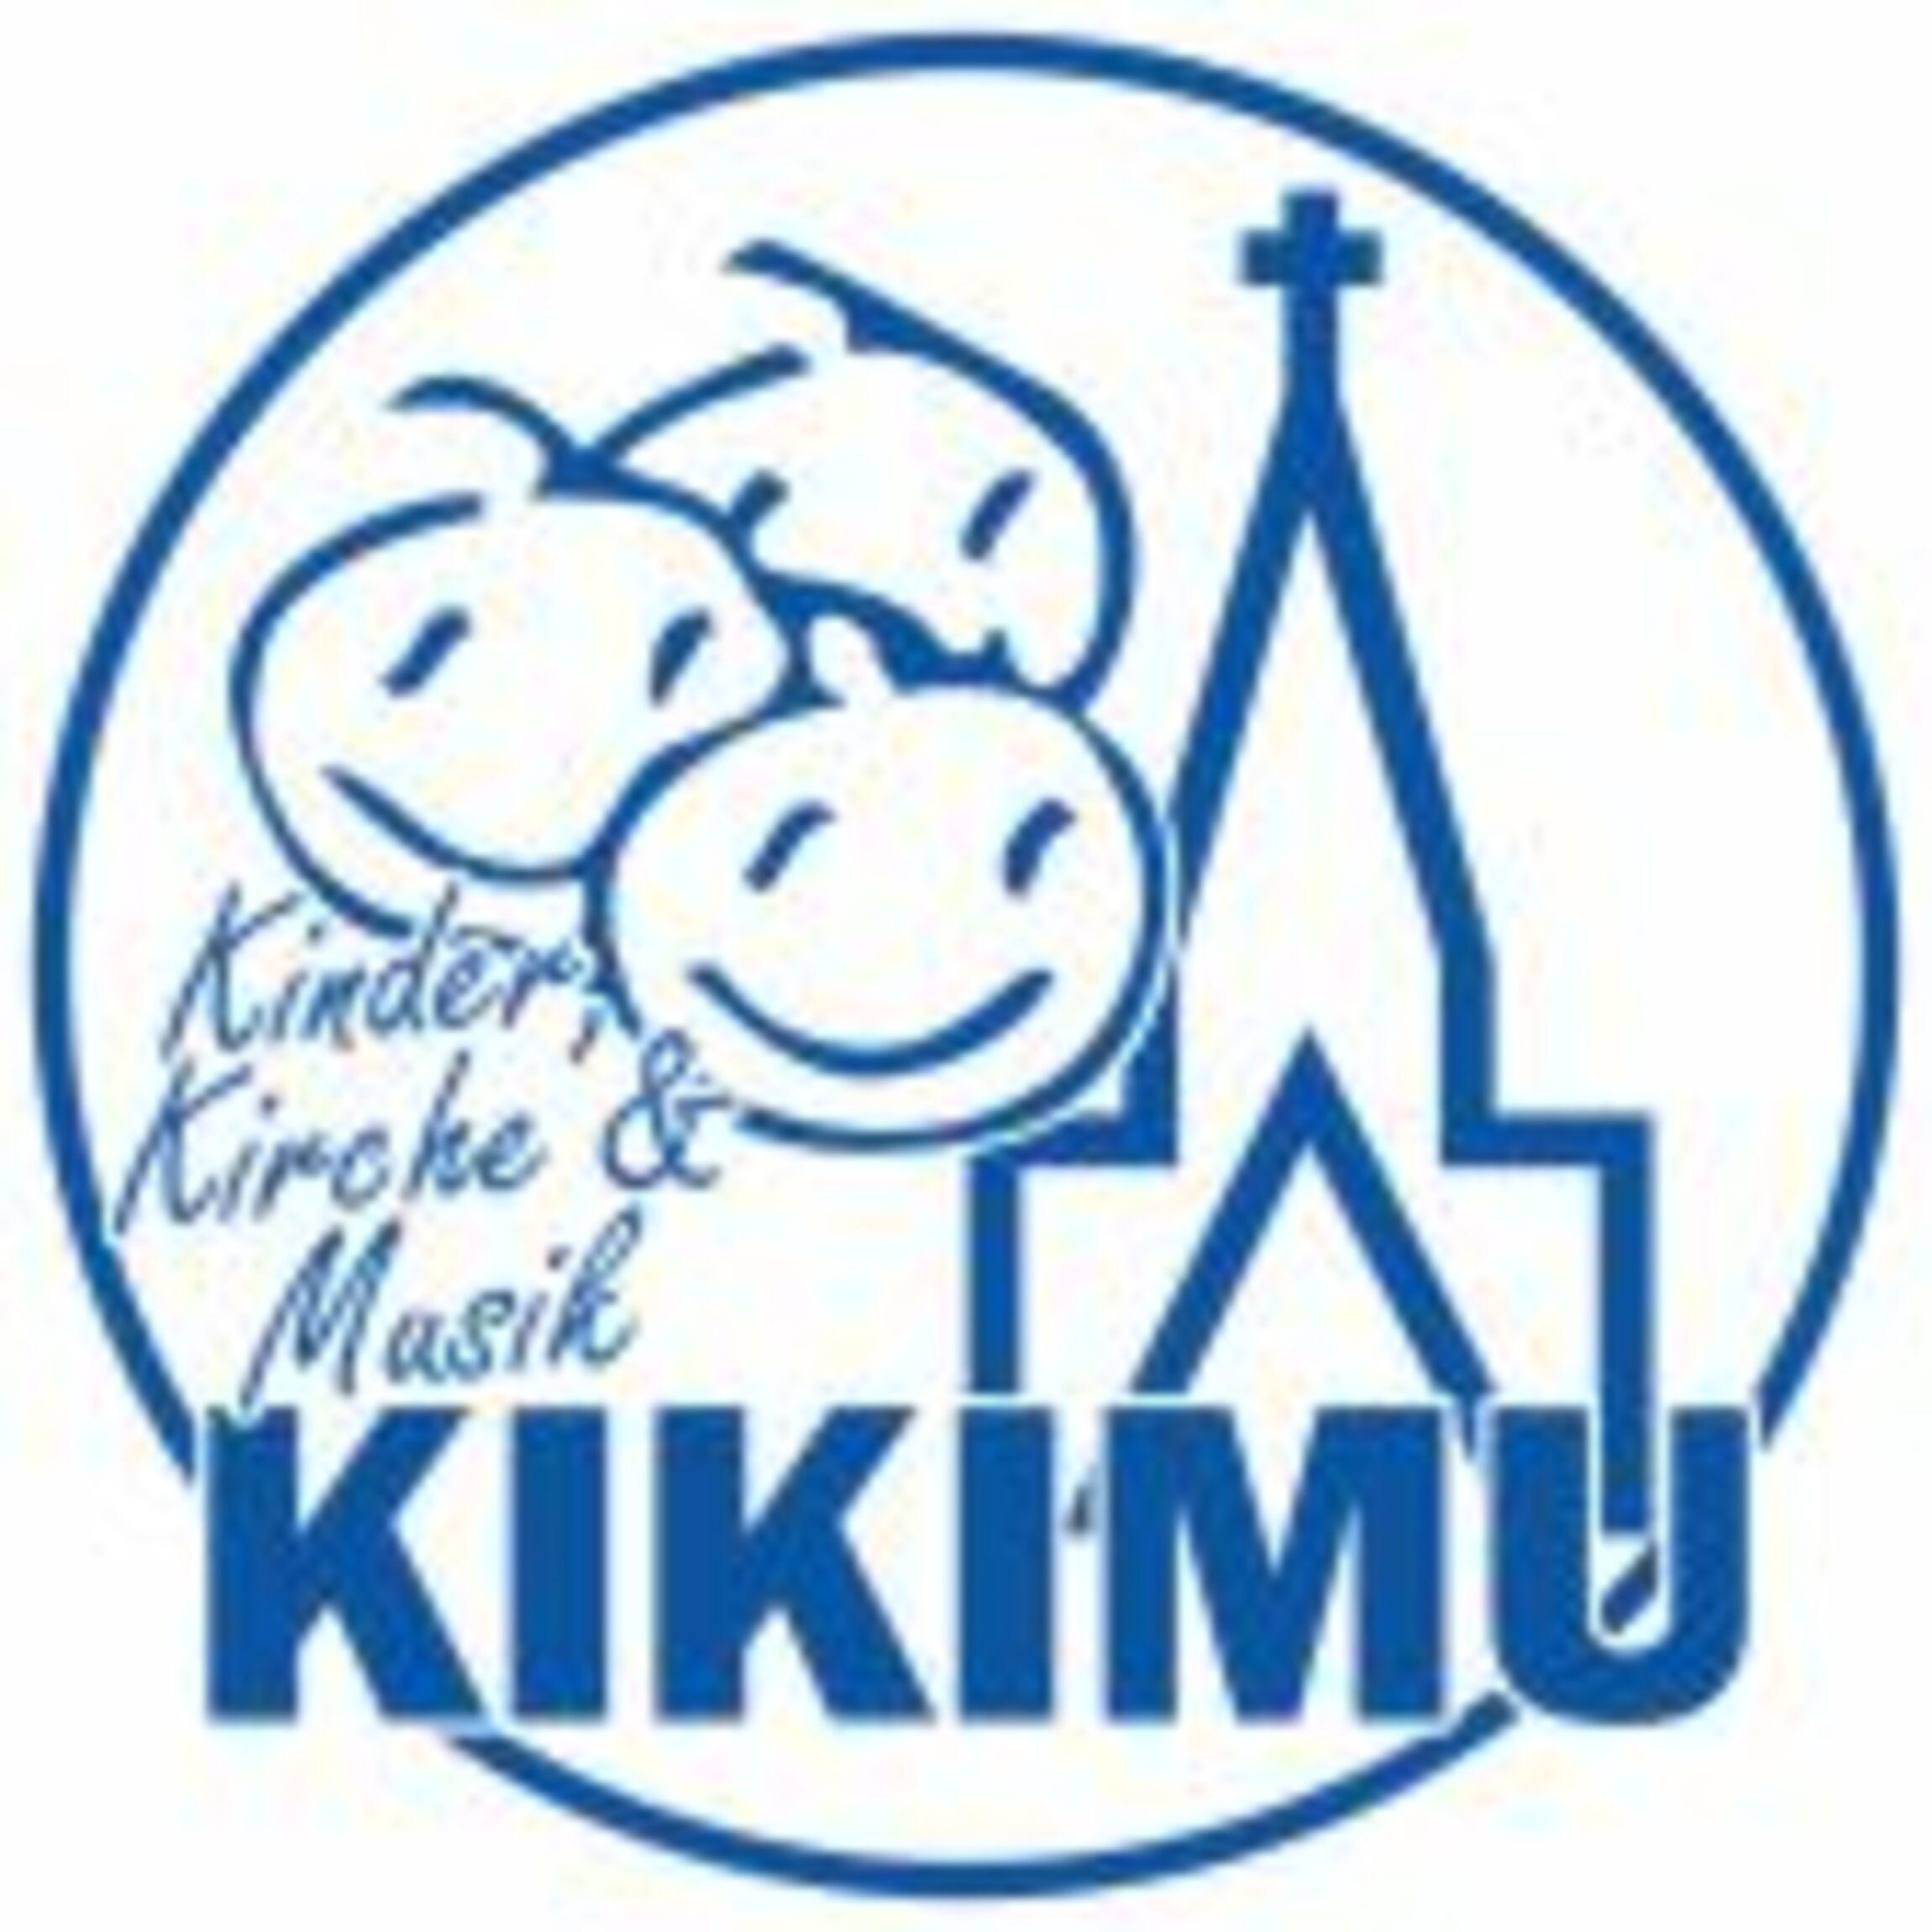 KIKIMU